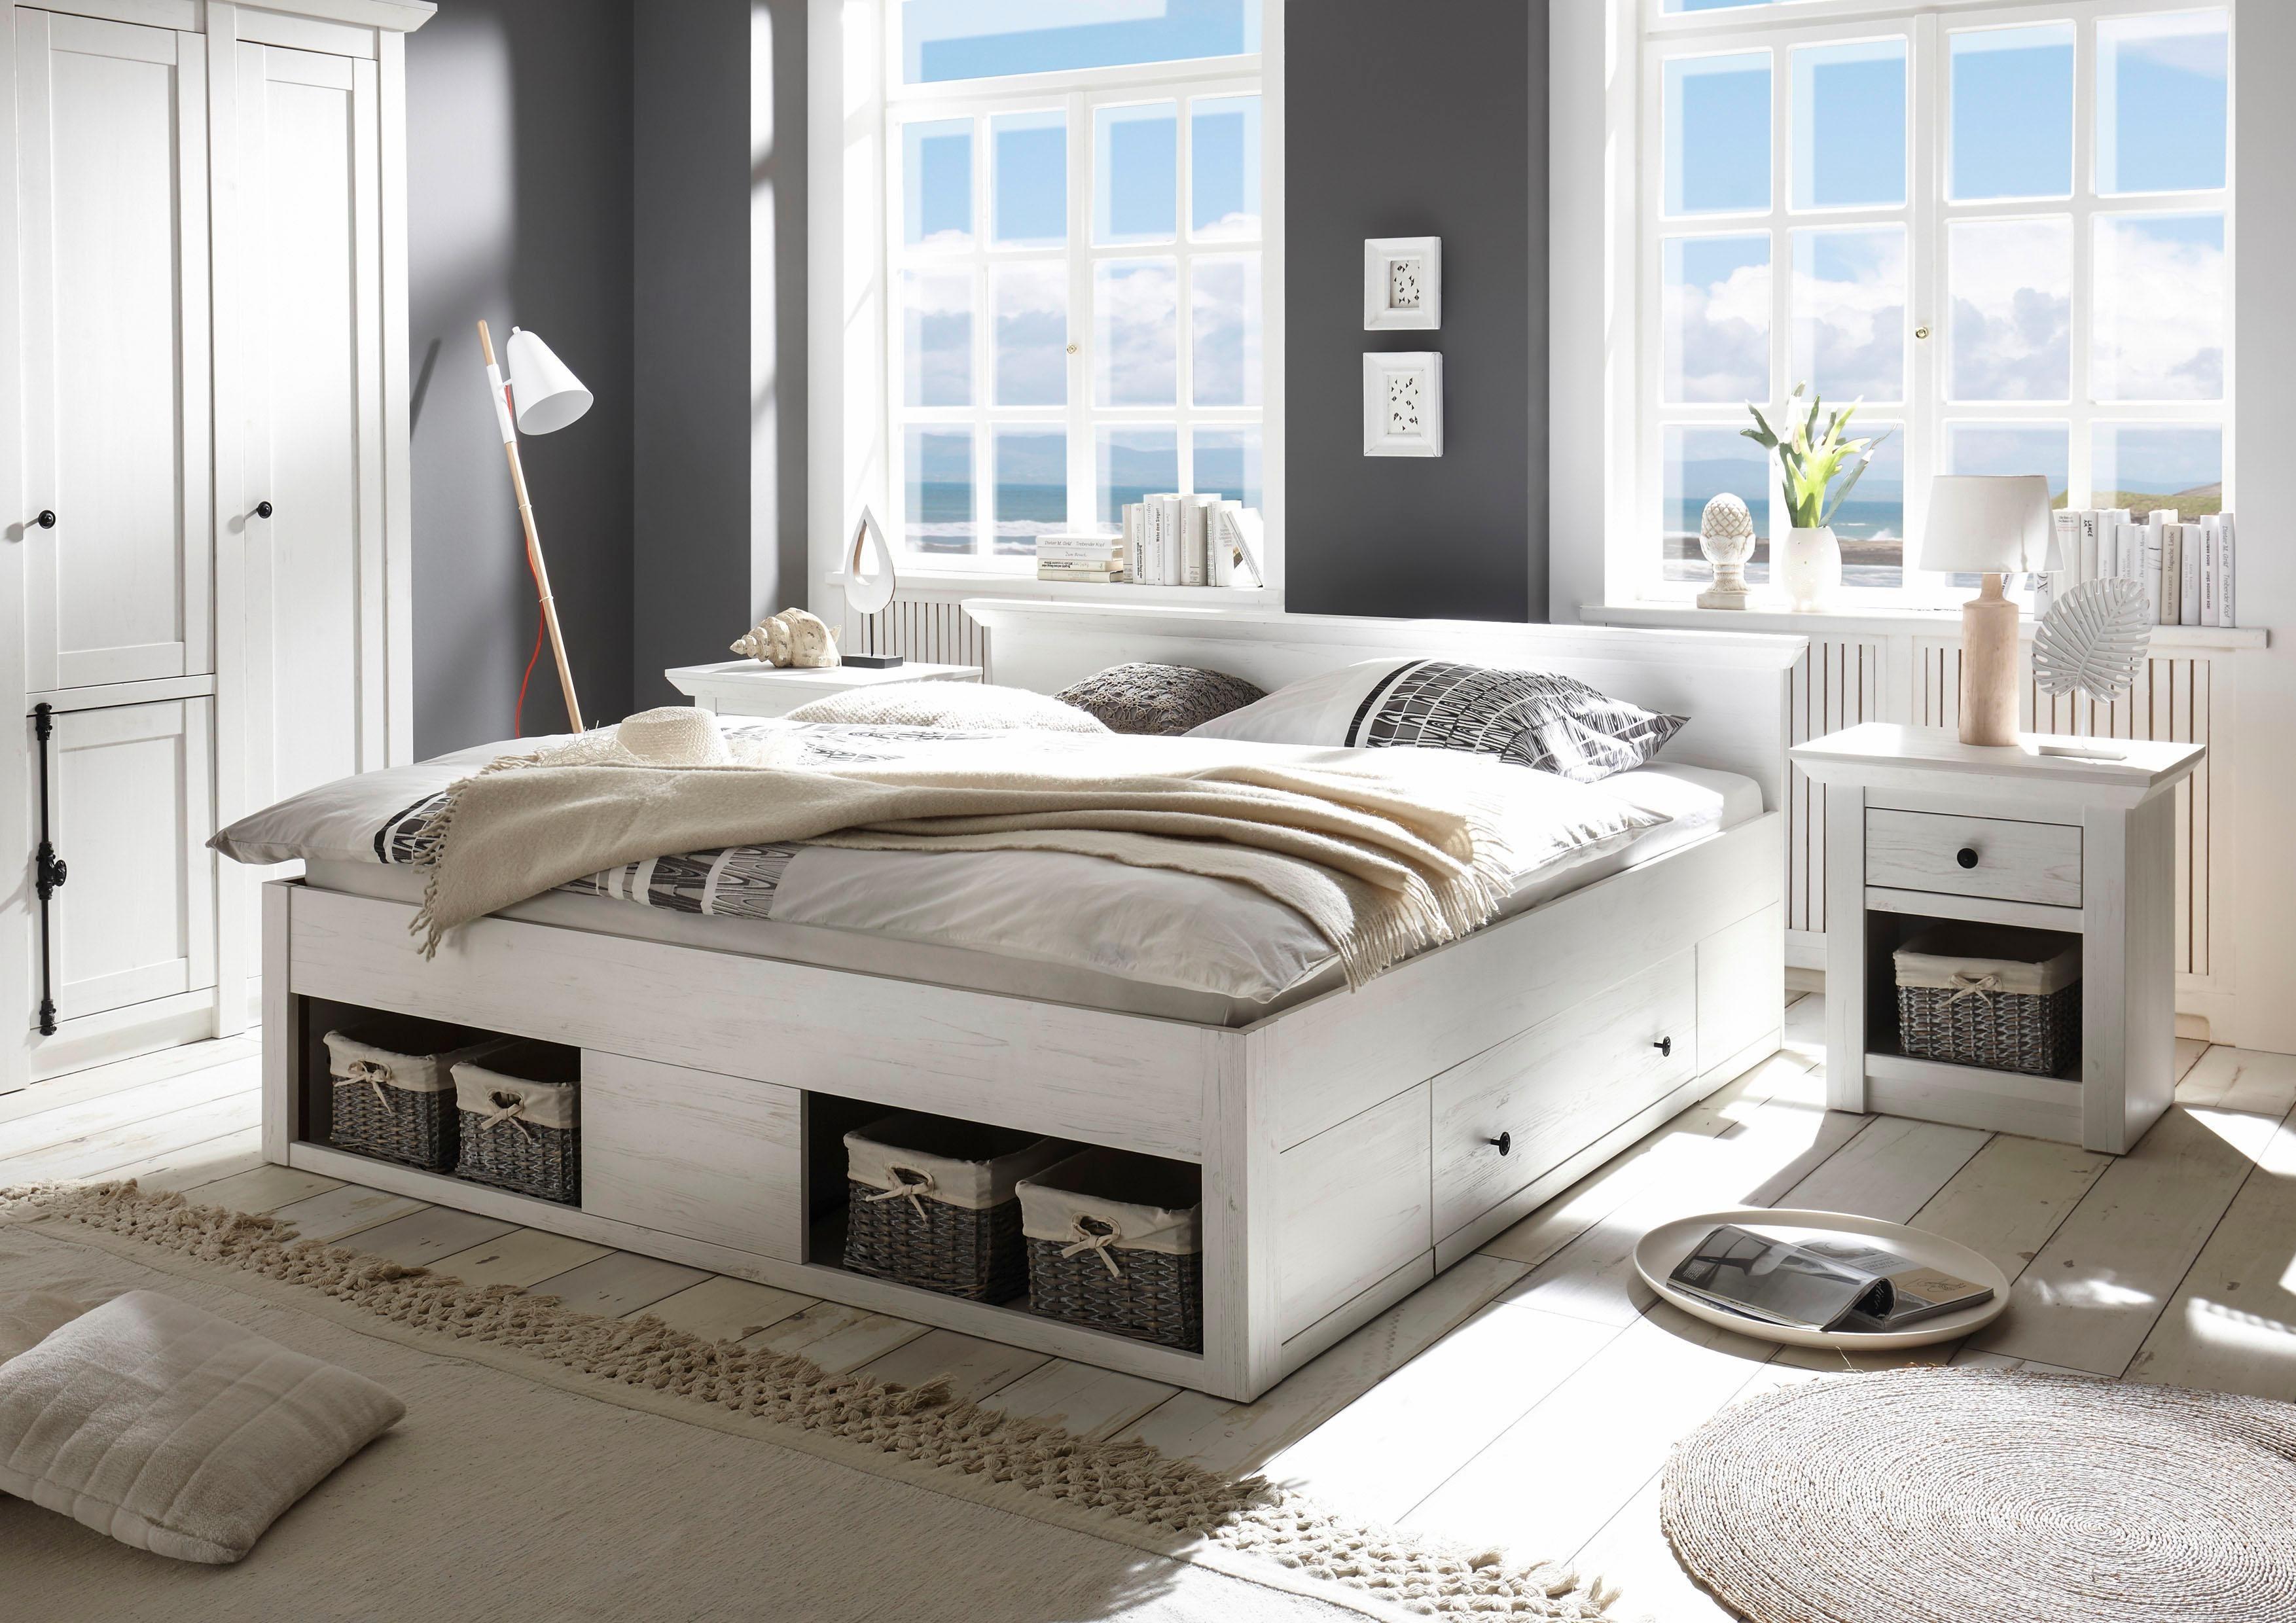 Bett Mit Schubladen Preisvergleich • Die besten Angebote online kaufen